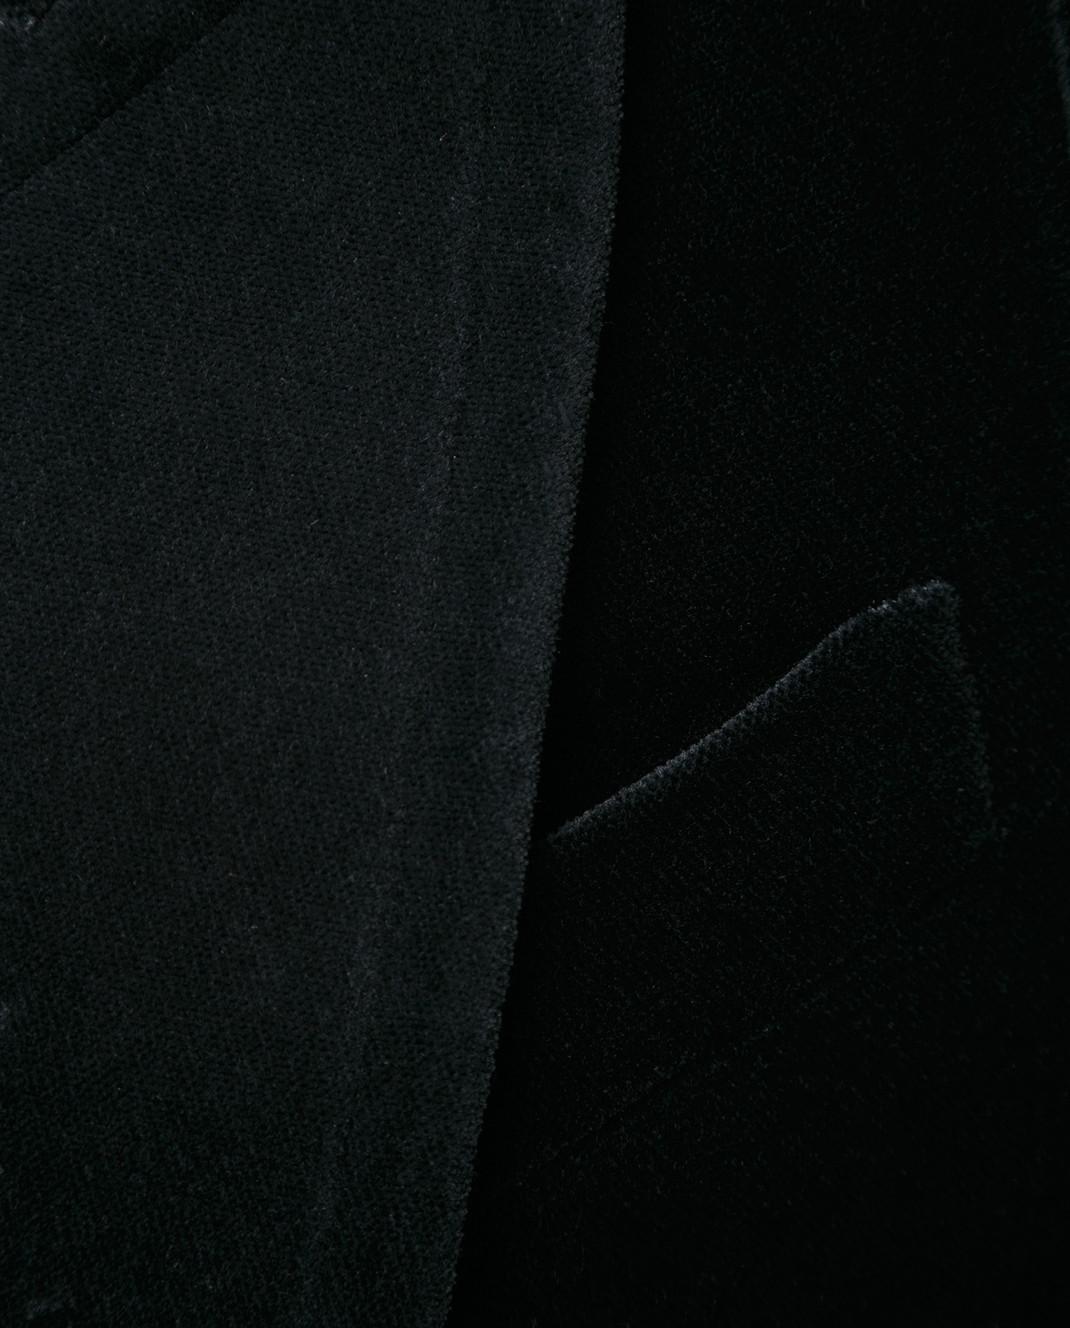 Gucci Черный бархатный пиджак изображение 5